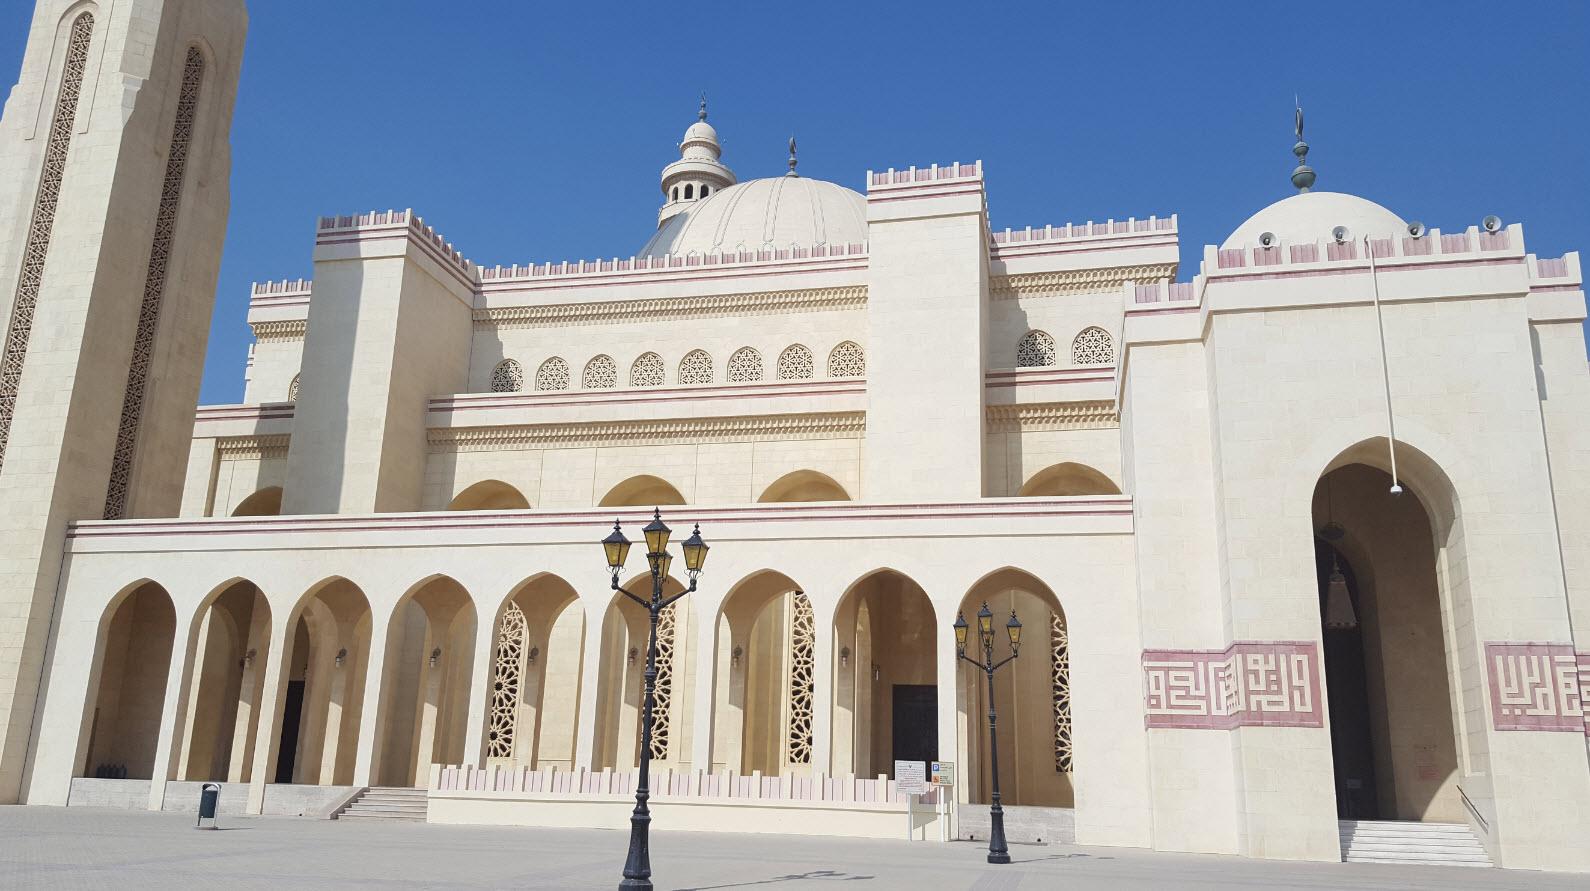 Mosque Bahrain 9